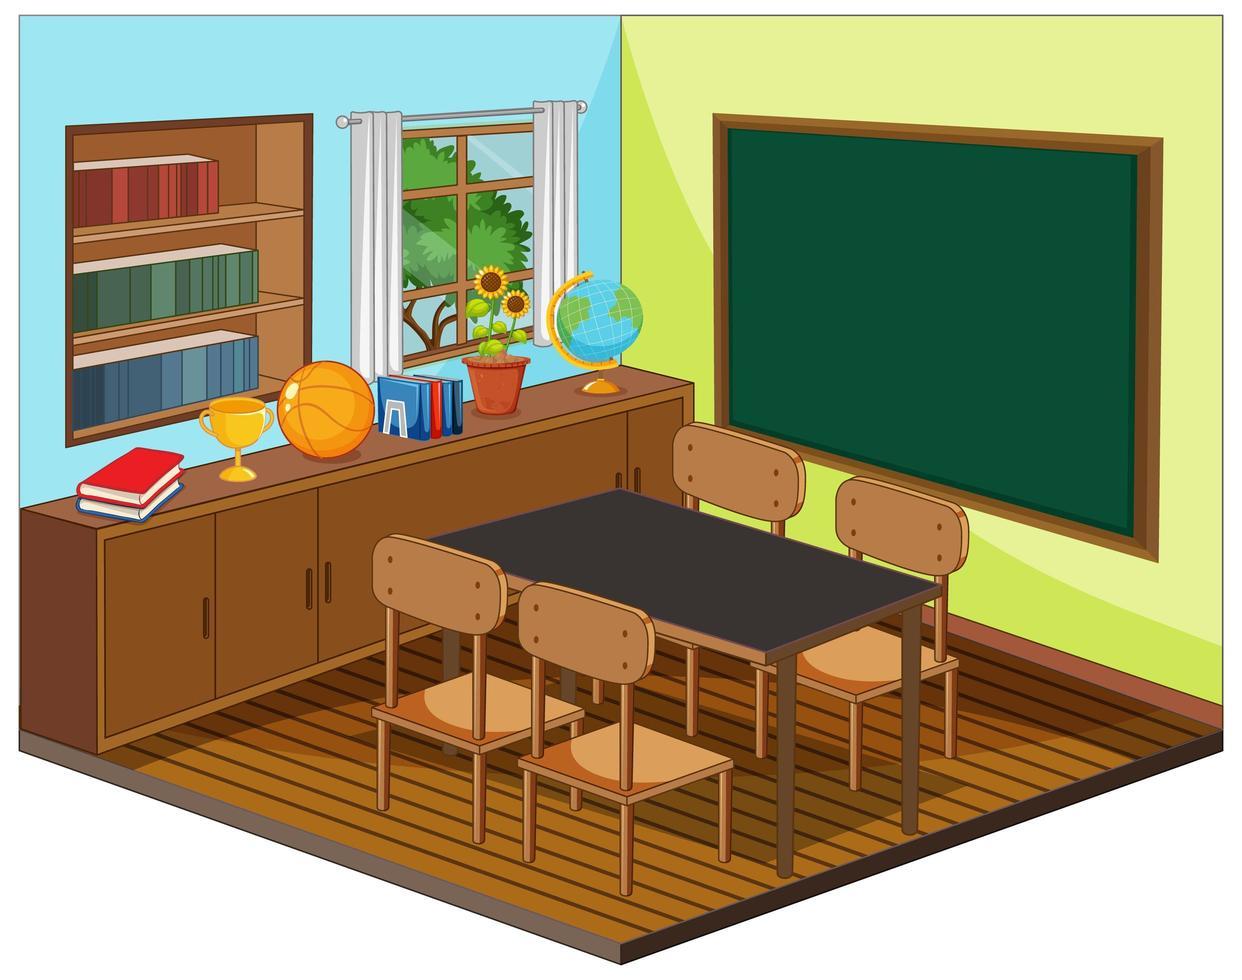 intérieur de la salle de classe vide avec des éléments de la classe vecteur